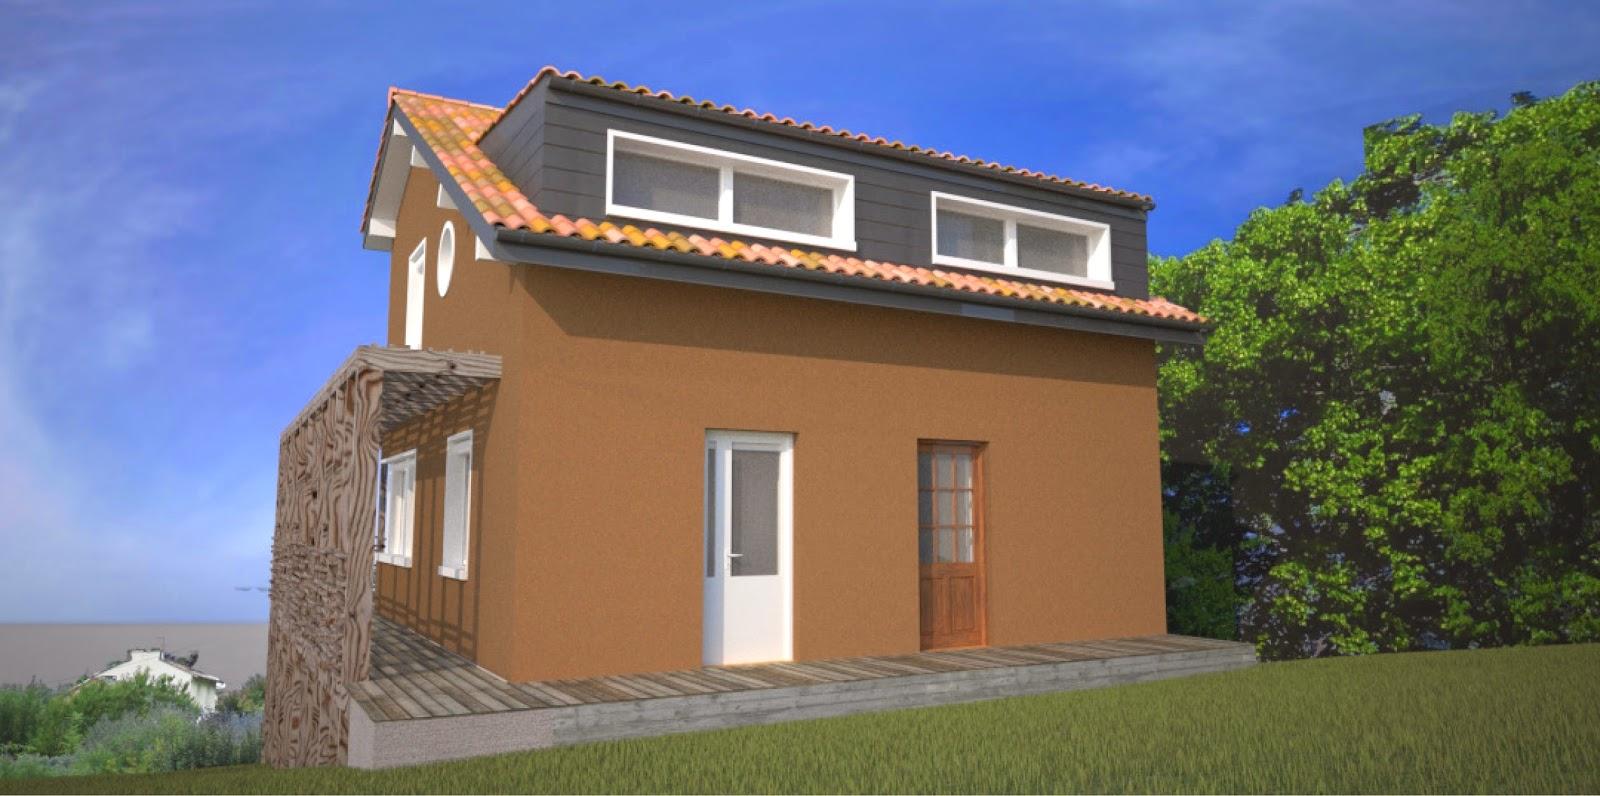 architecte p rigueux julien flahaut maison individuelle. Black Bedroom Furniture Sets. Home Design Ideas